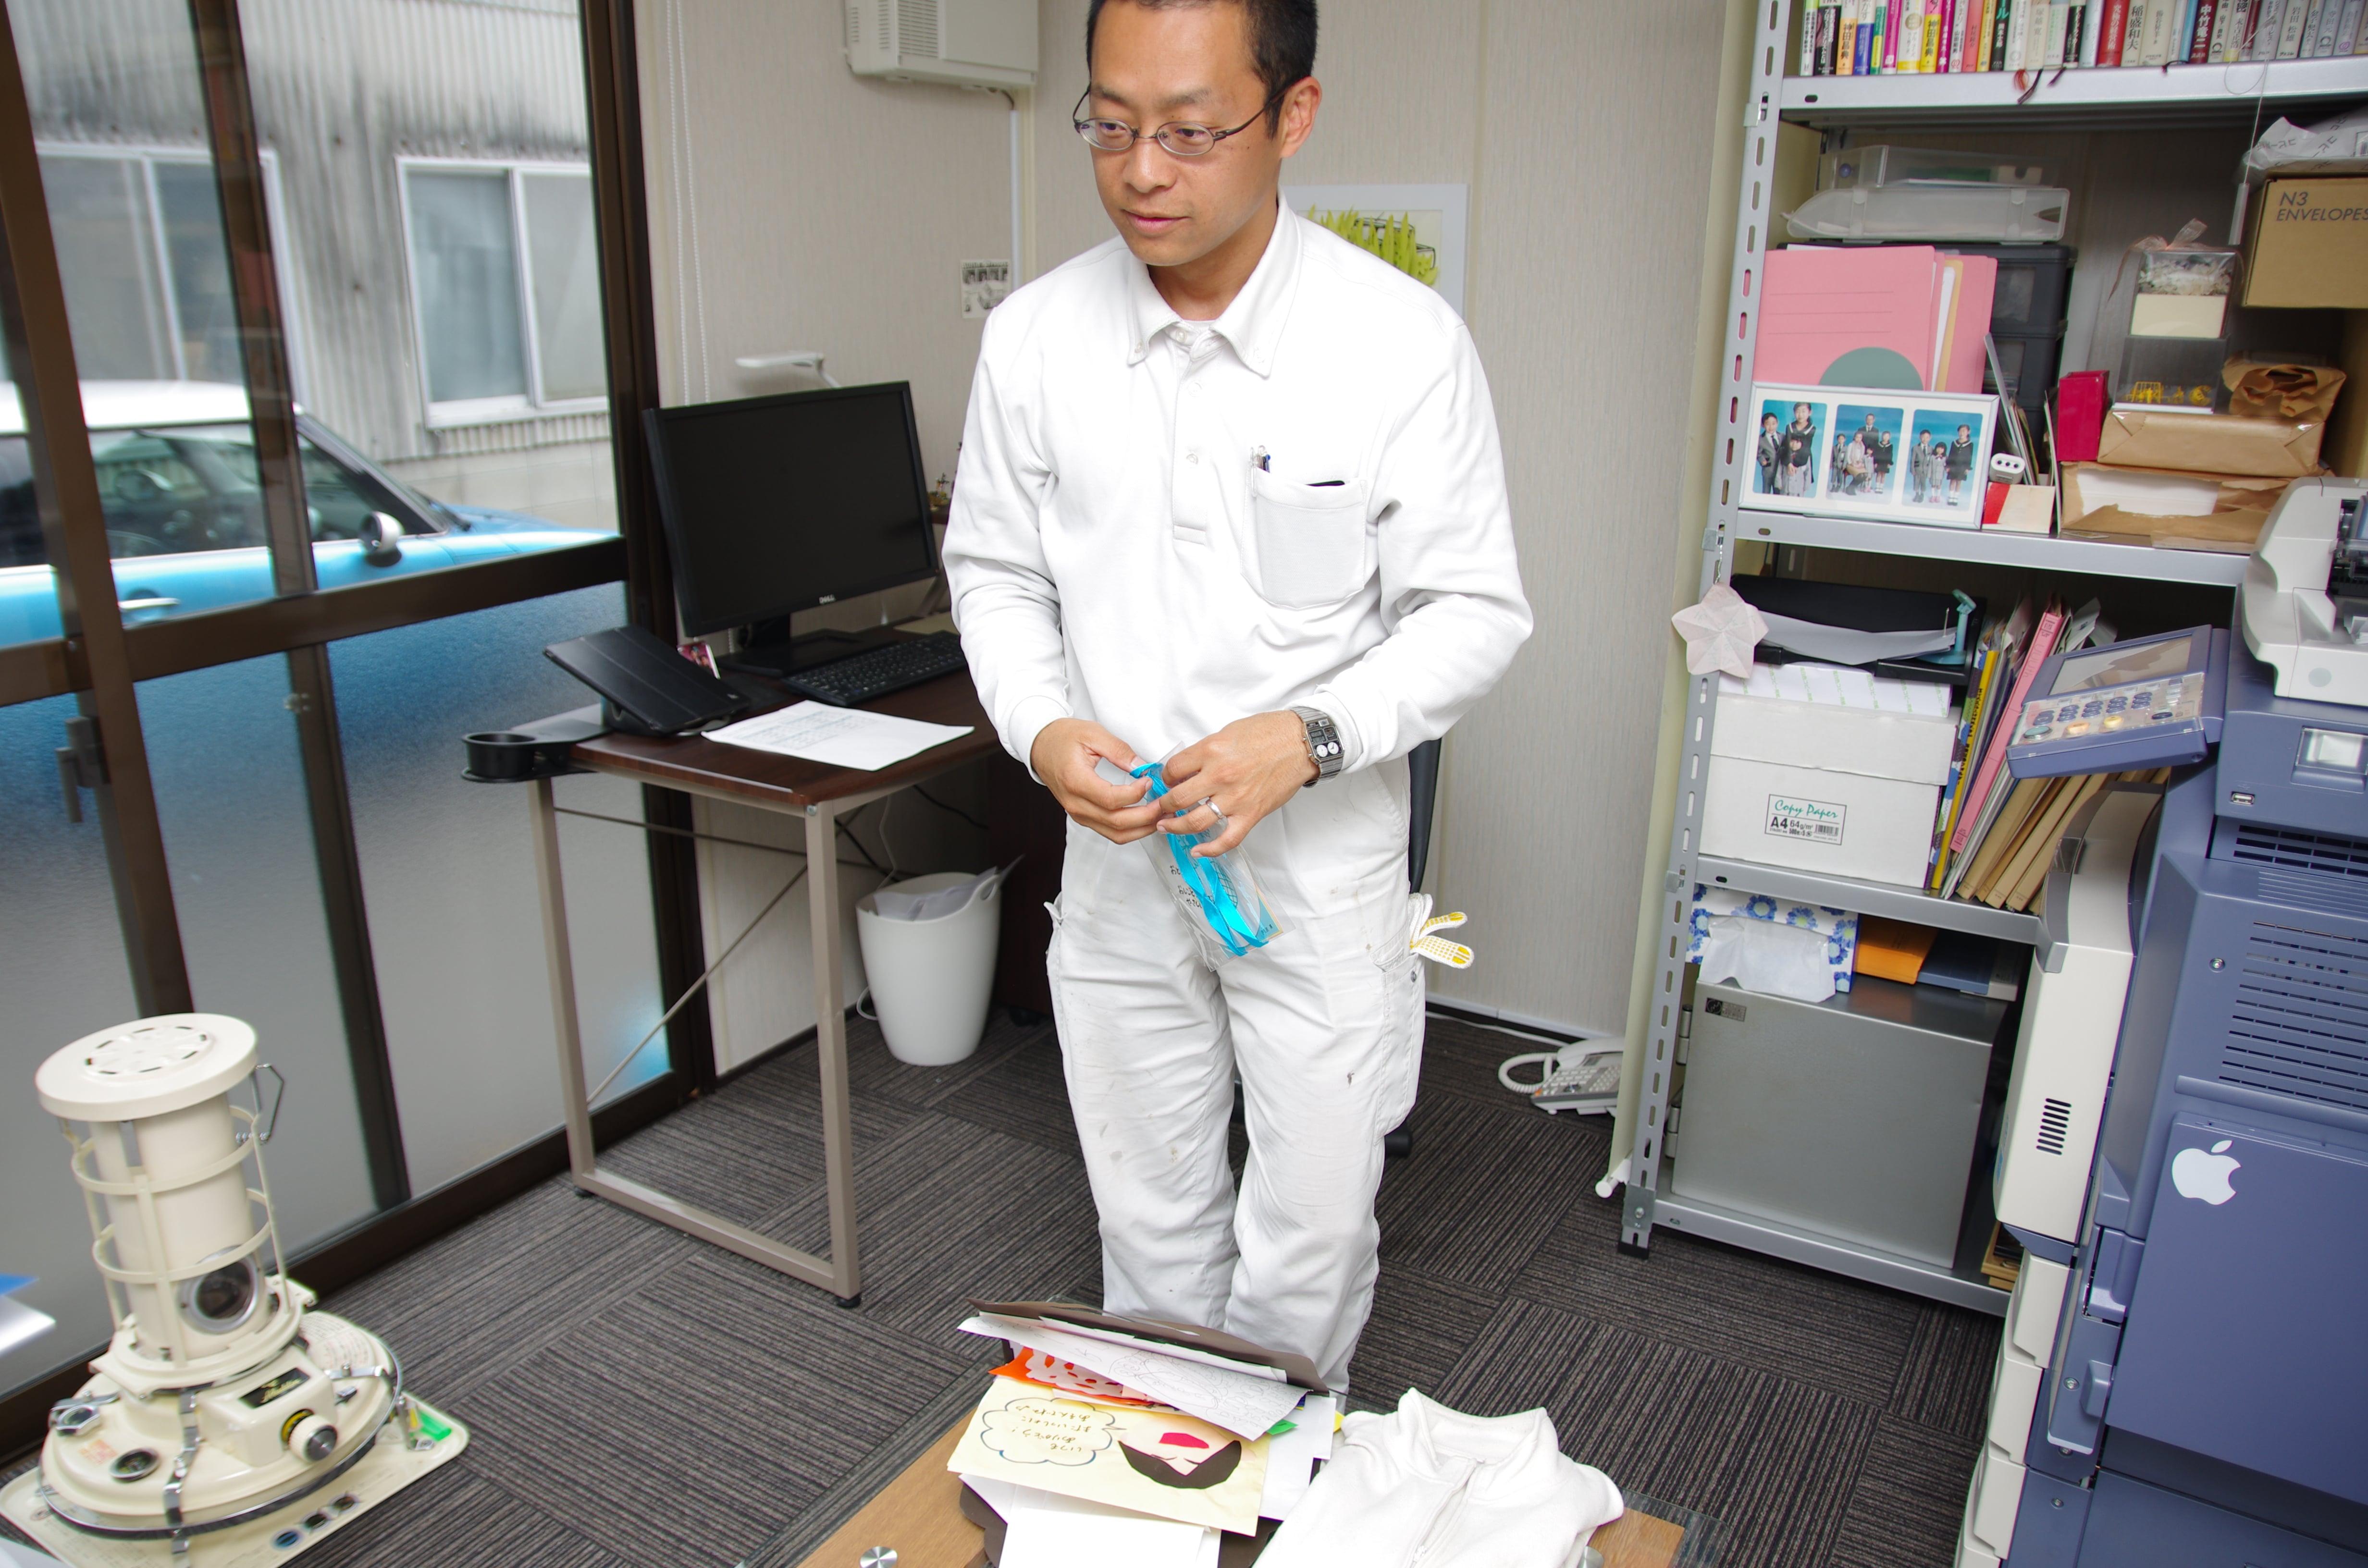 事務所はこのようにこぢんまりとしていますが、志は大きく、と語る伊名波氏。最近の悩みは「トイレが別の建物にあるのでトイレを増設したい」。2年間悩んでいるという。